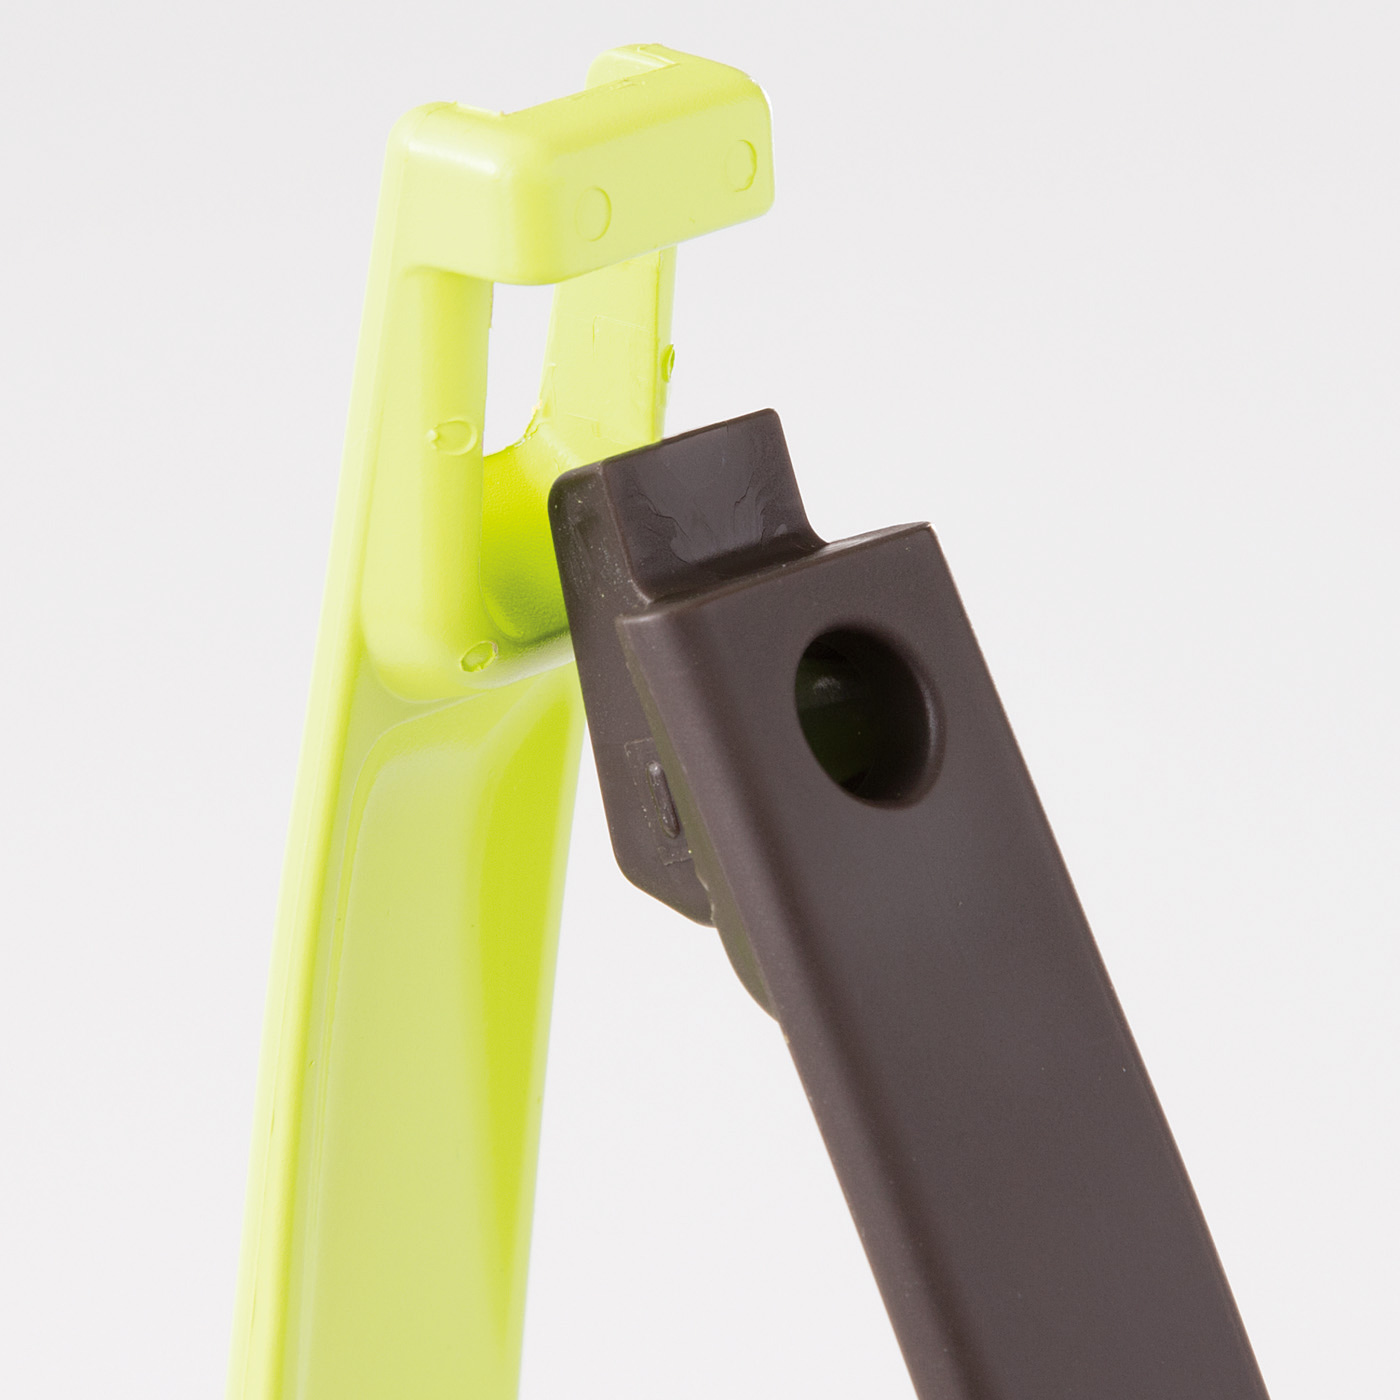 接続部ははめ込み式。調理中や洗うときにサッと分解できます。